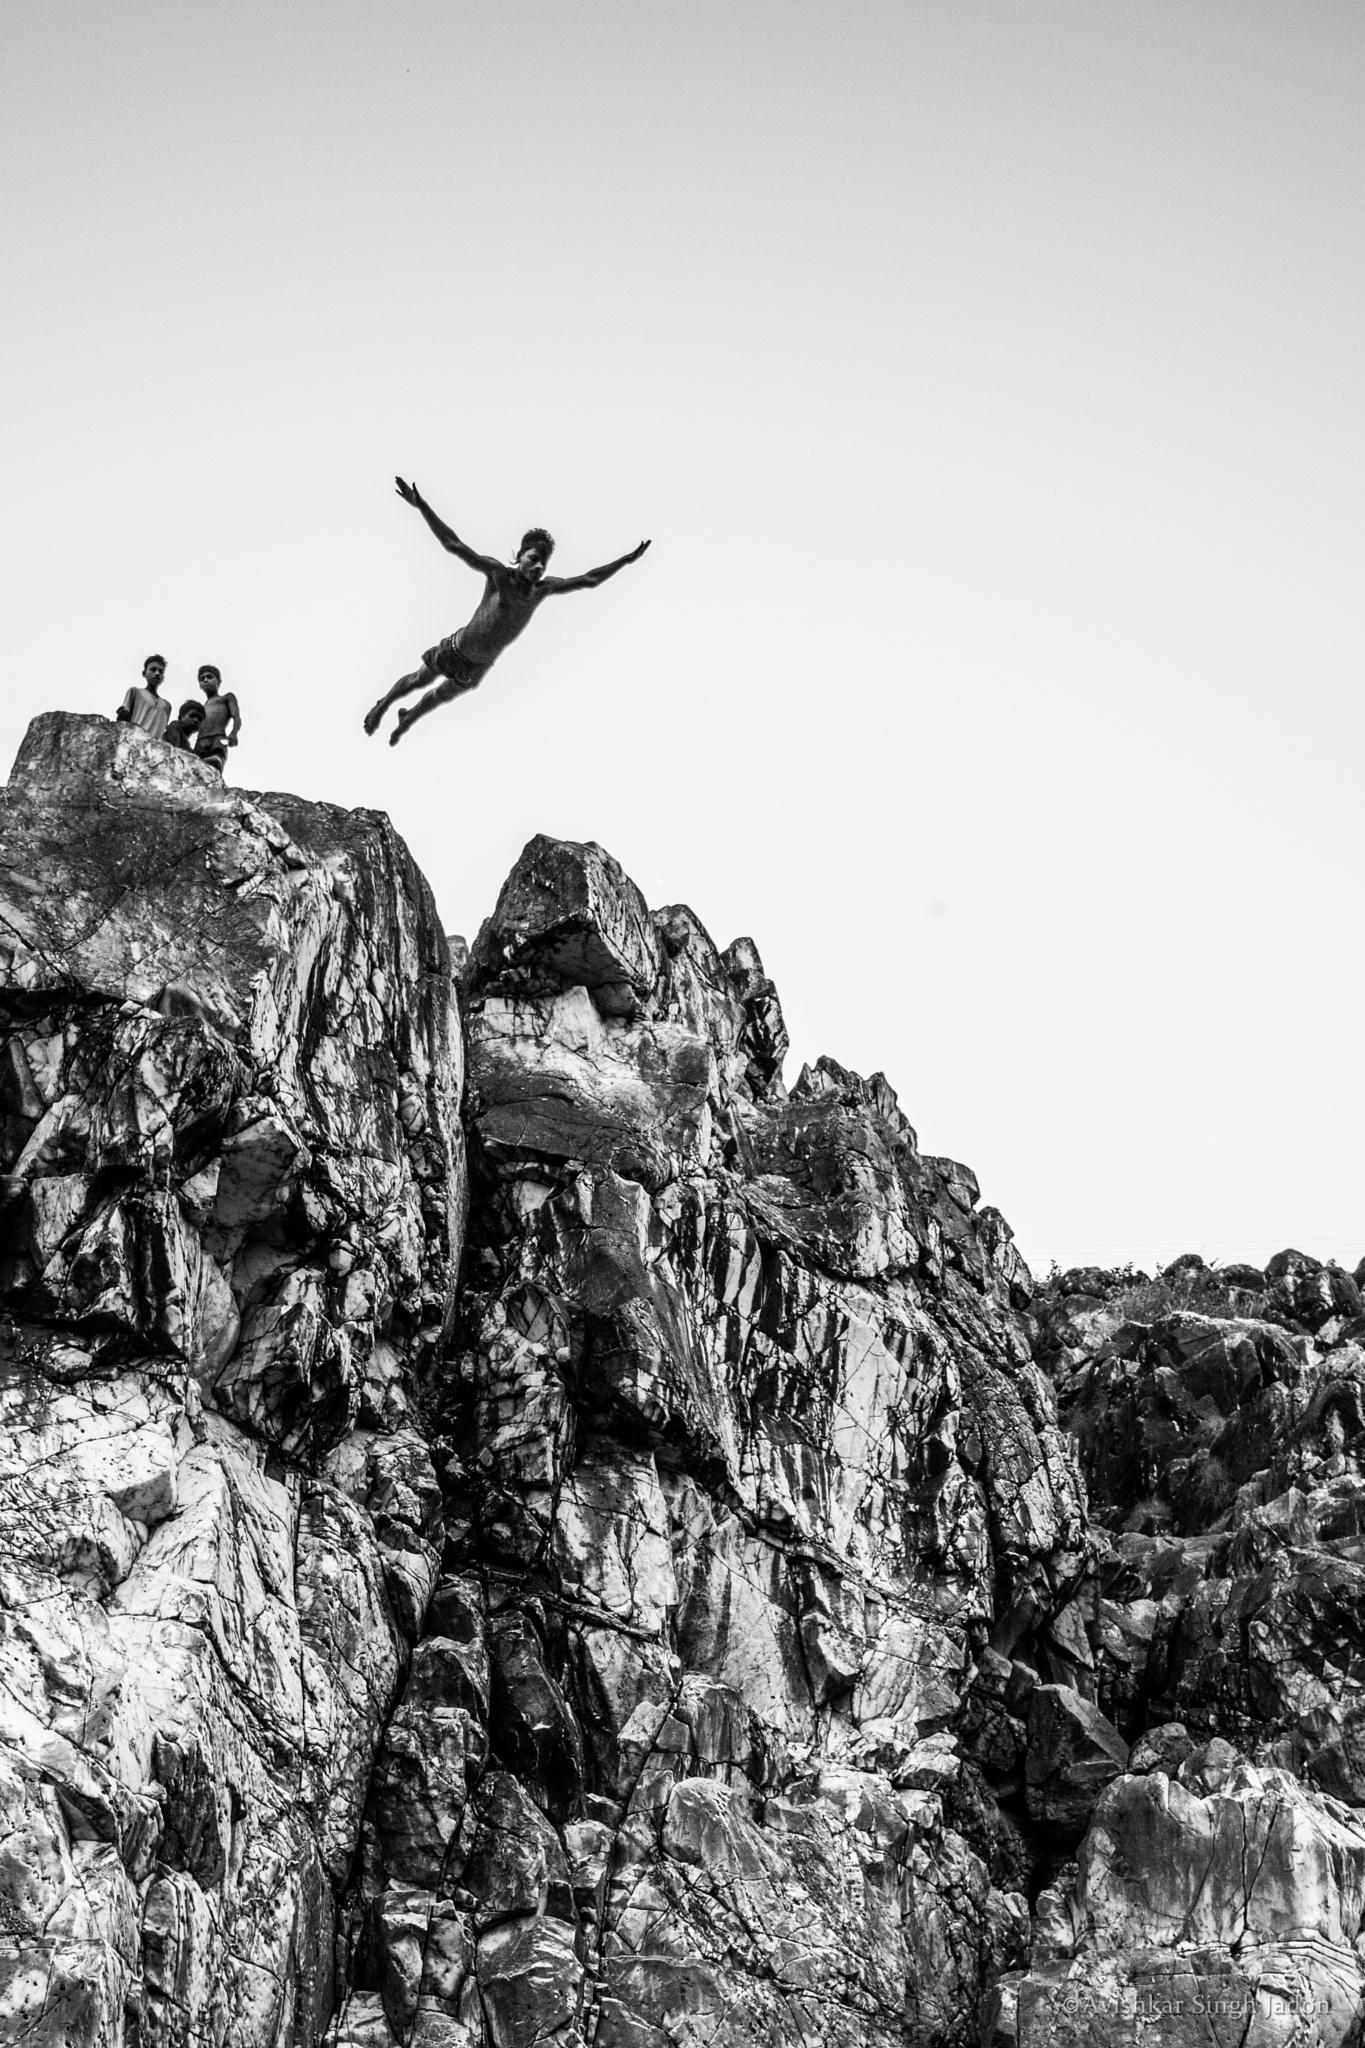 Cliff diver by Avishkar Singh Jadon